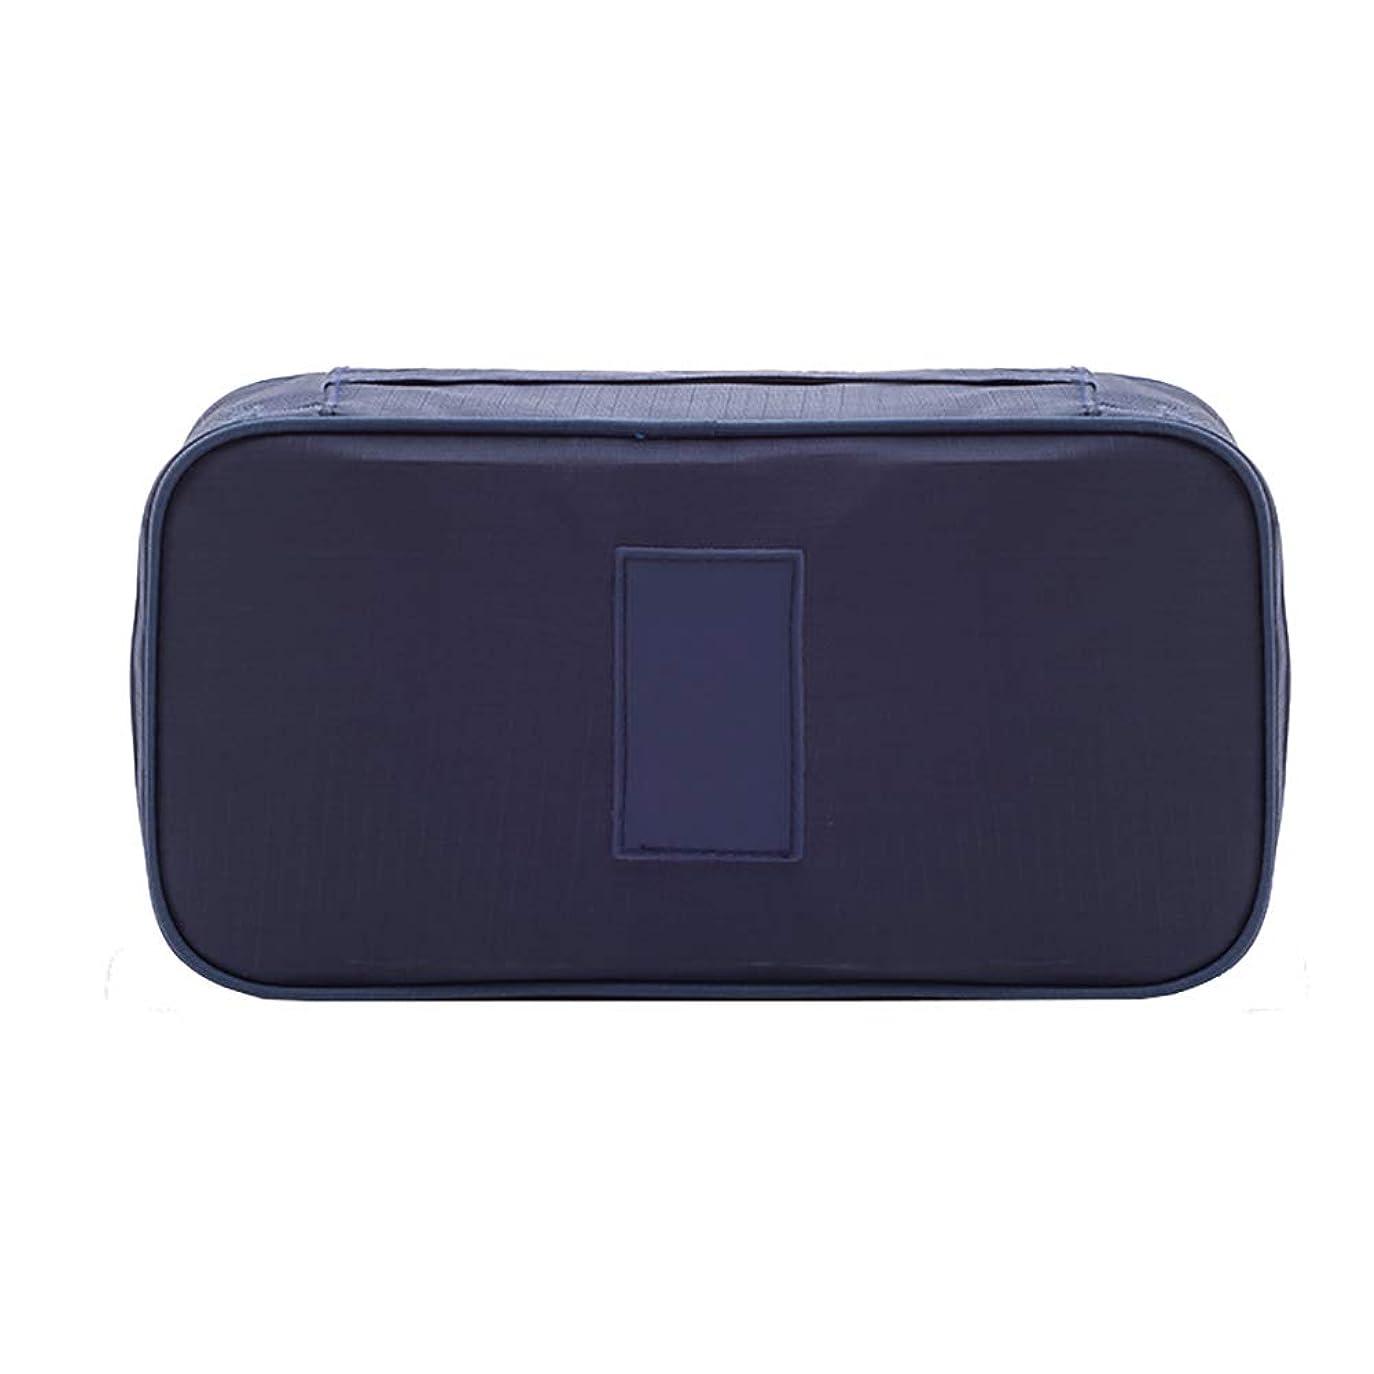 冷蔵庫以内に器用トラベル収納袋防水ブラジャー下着荷物預かり袋服仕上げパッケージ洗濯バッグポータブルサブパッケージダークブルー26 * 12 * 13CM